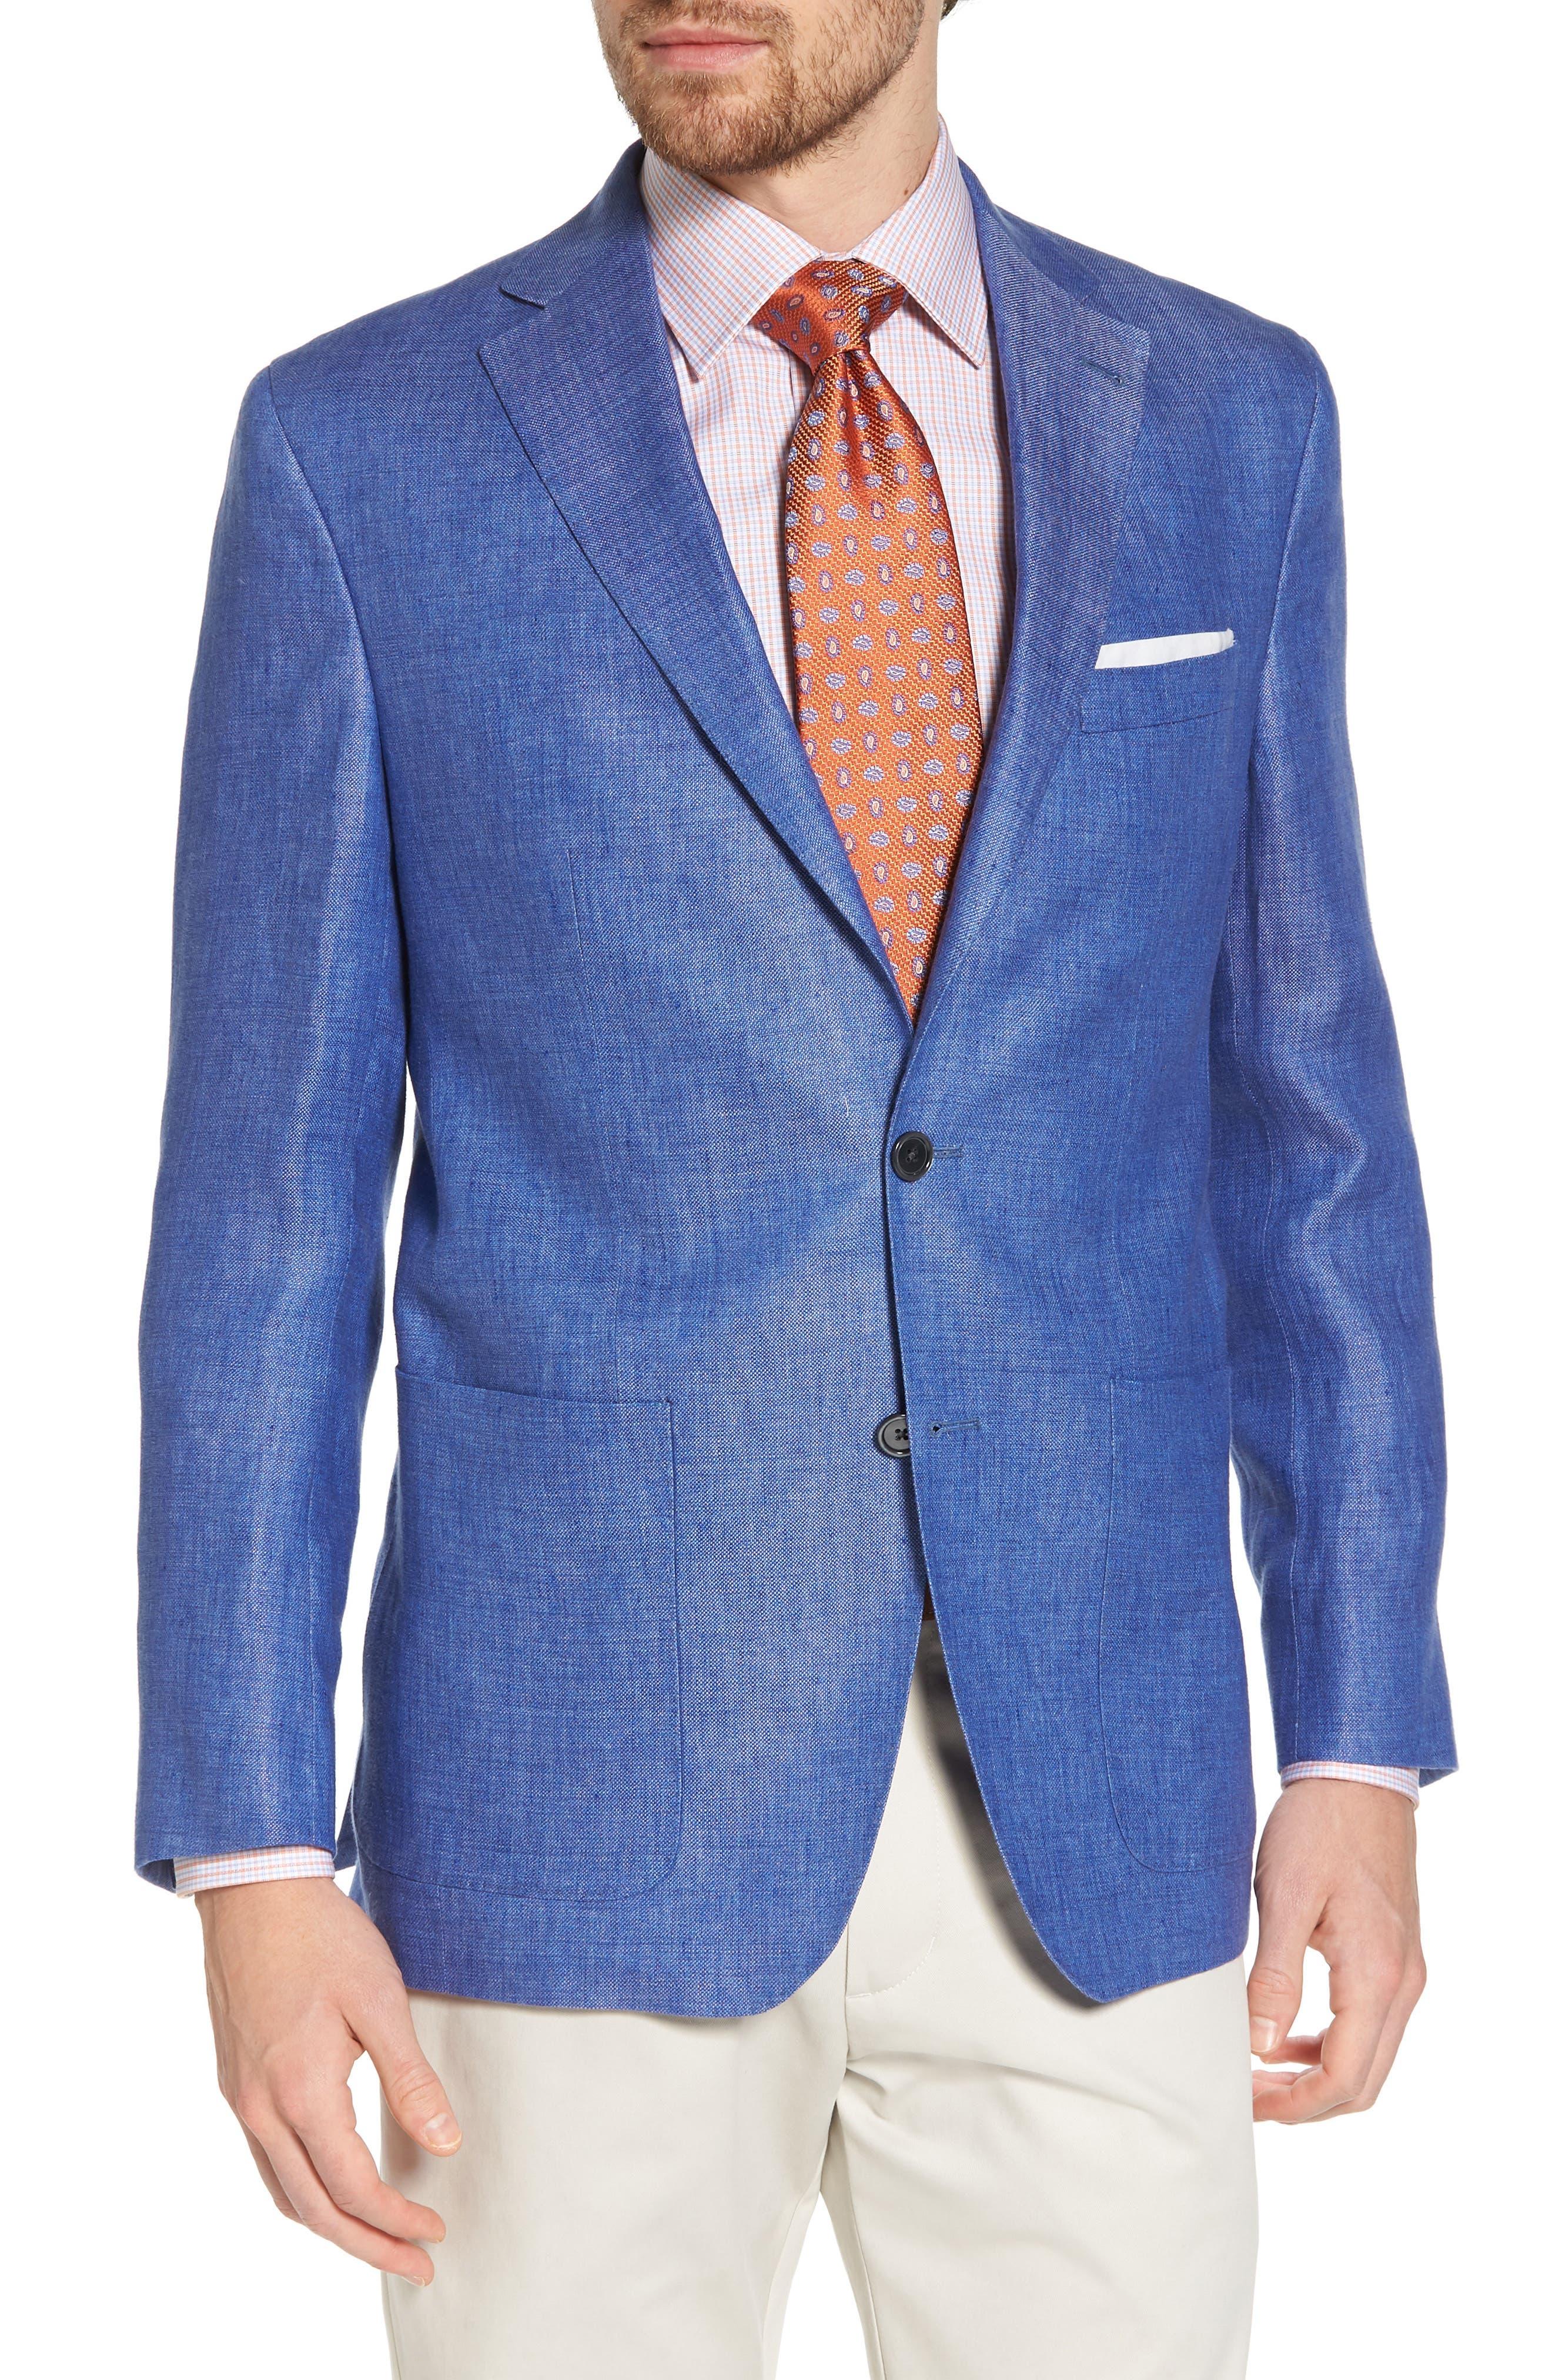 Aiden Classic Fit Linen Blazer,                         Main,                         color, Blue